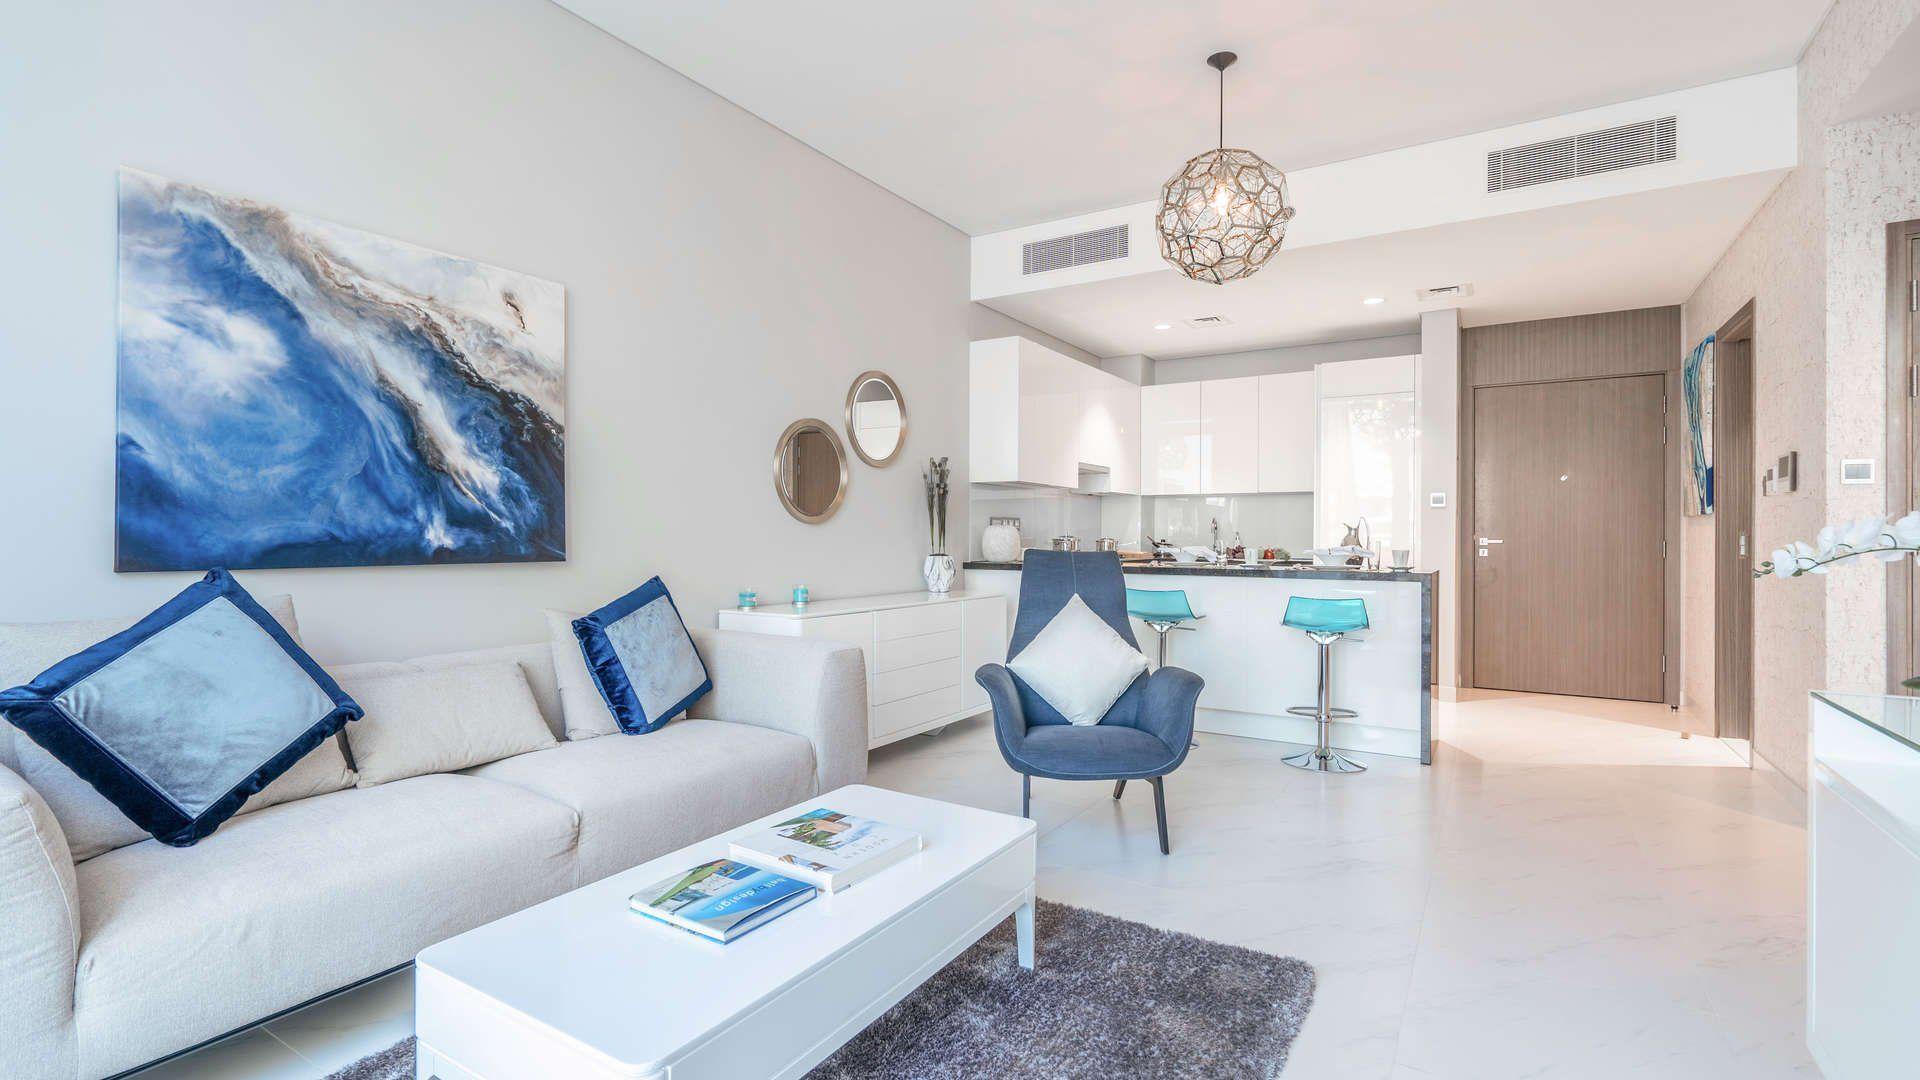 Apartment Rent Dubai Marina In 2020 Apartments For Rent Apartments For Sale Luxury Apartments